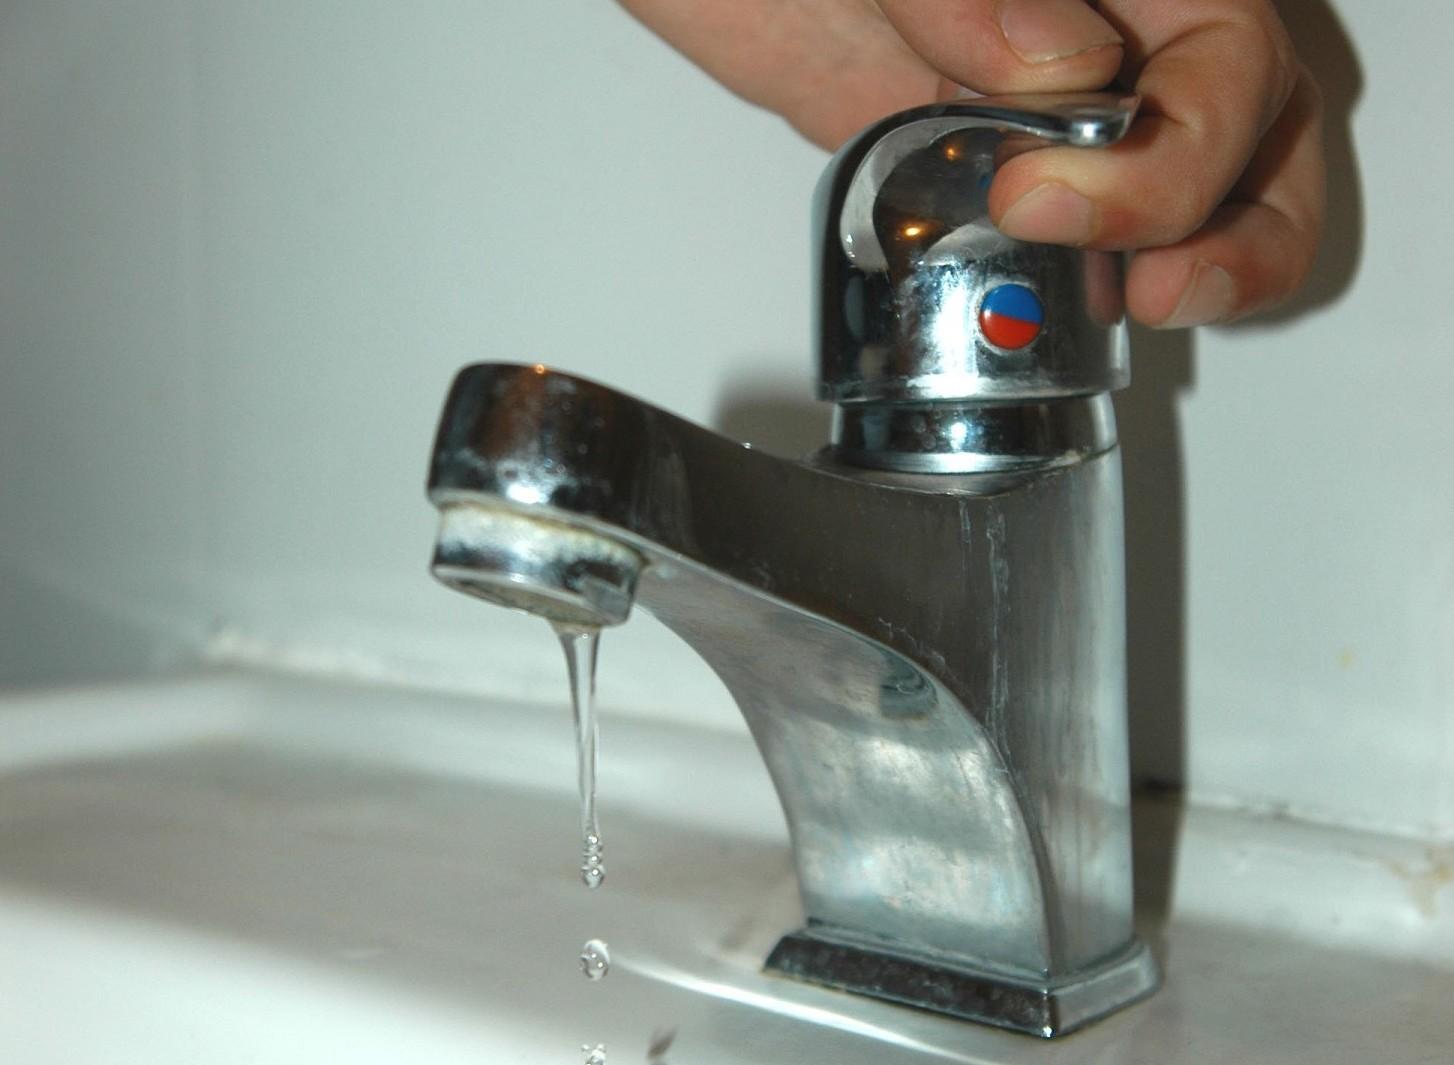 Mancato pagamento bolletta acqua, dopo quanto scatta blocco erogazione. Nuove leggi 2020